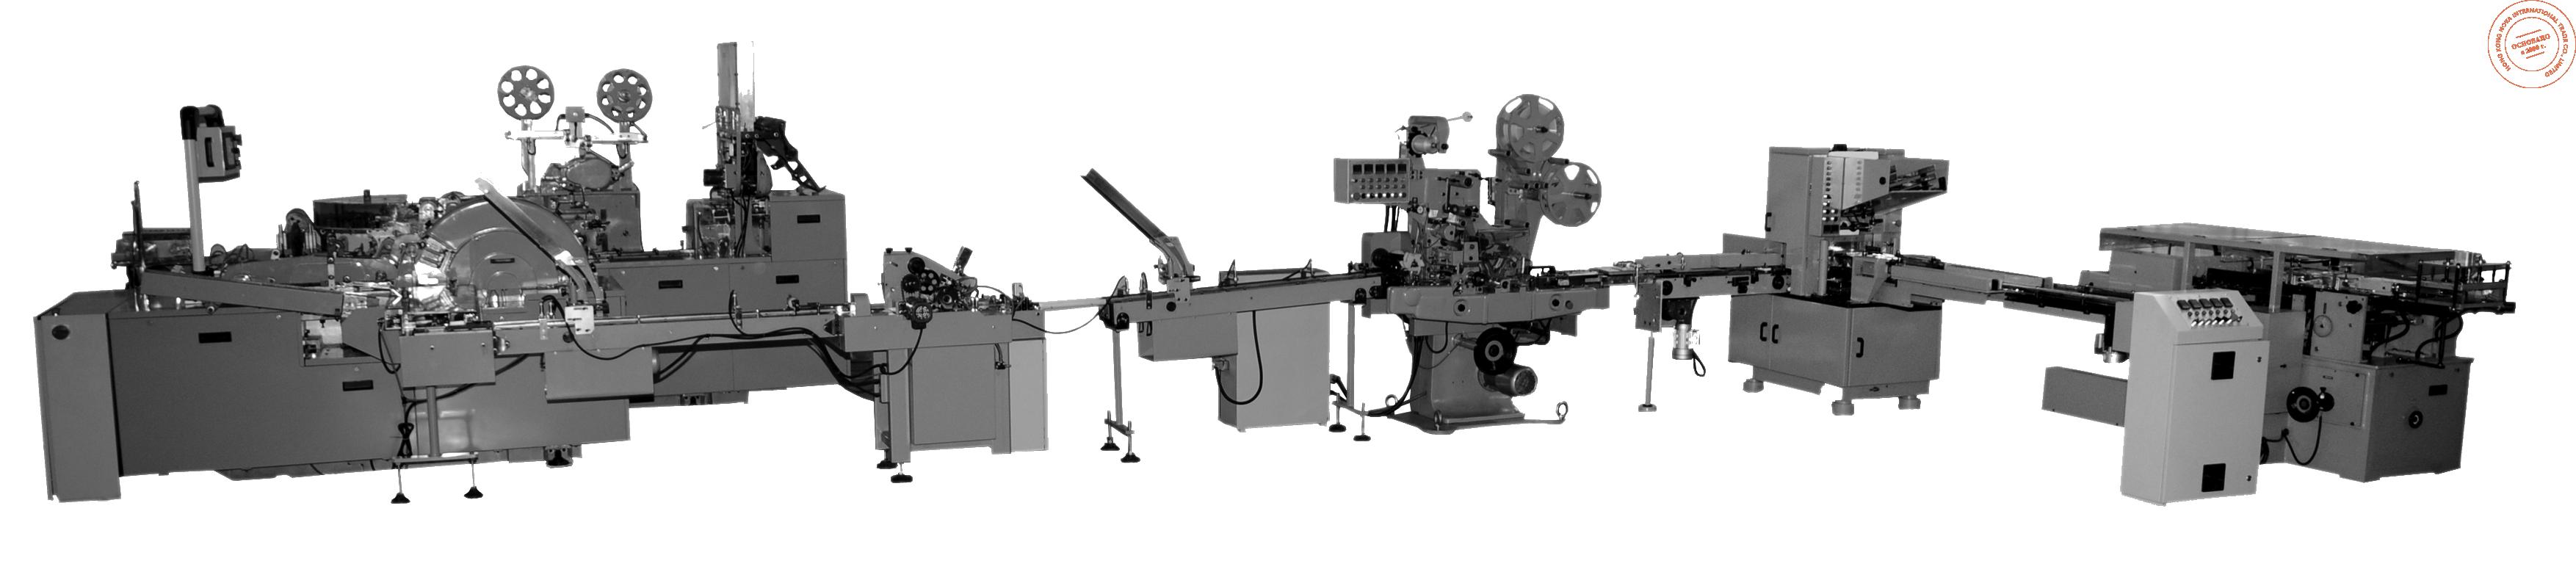 HLР-180